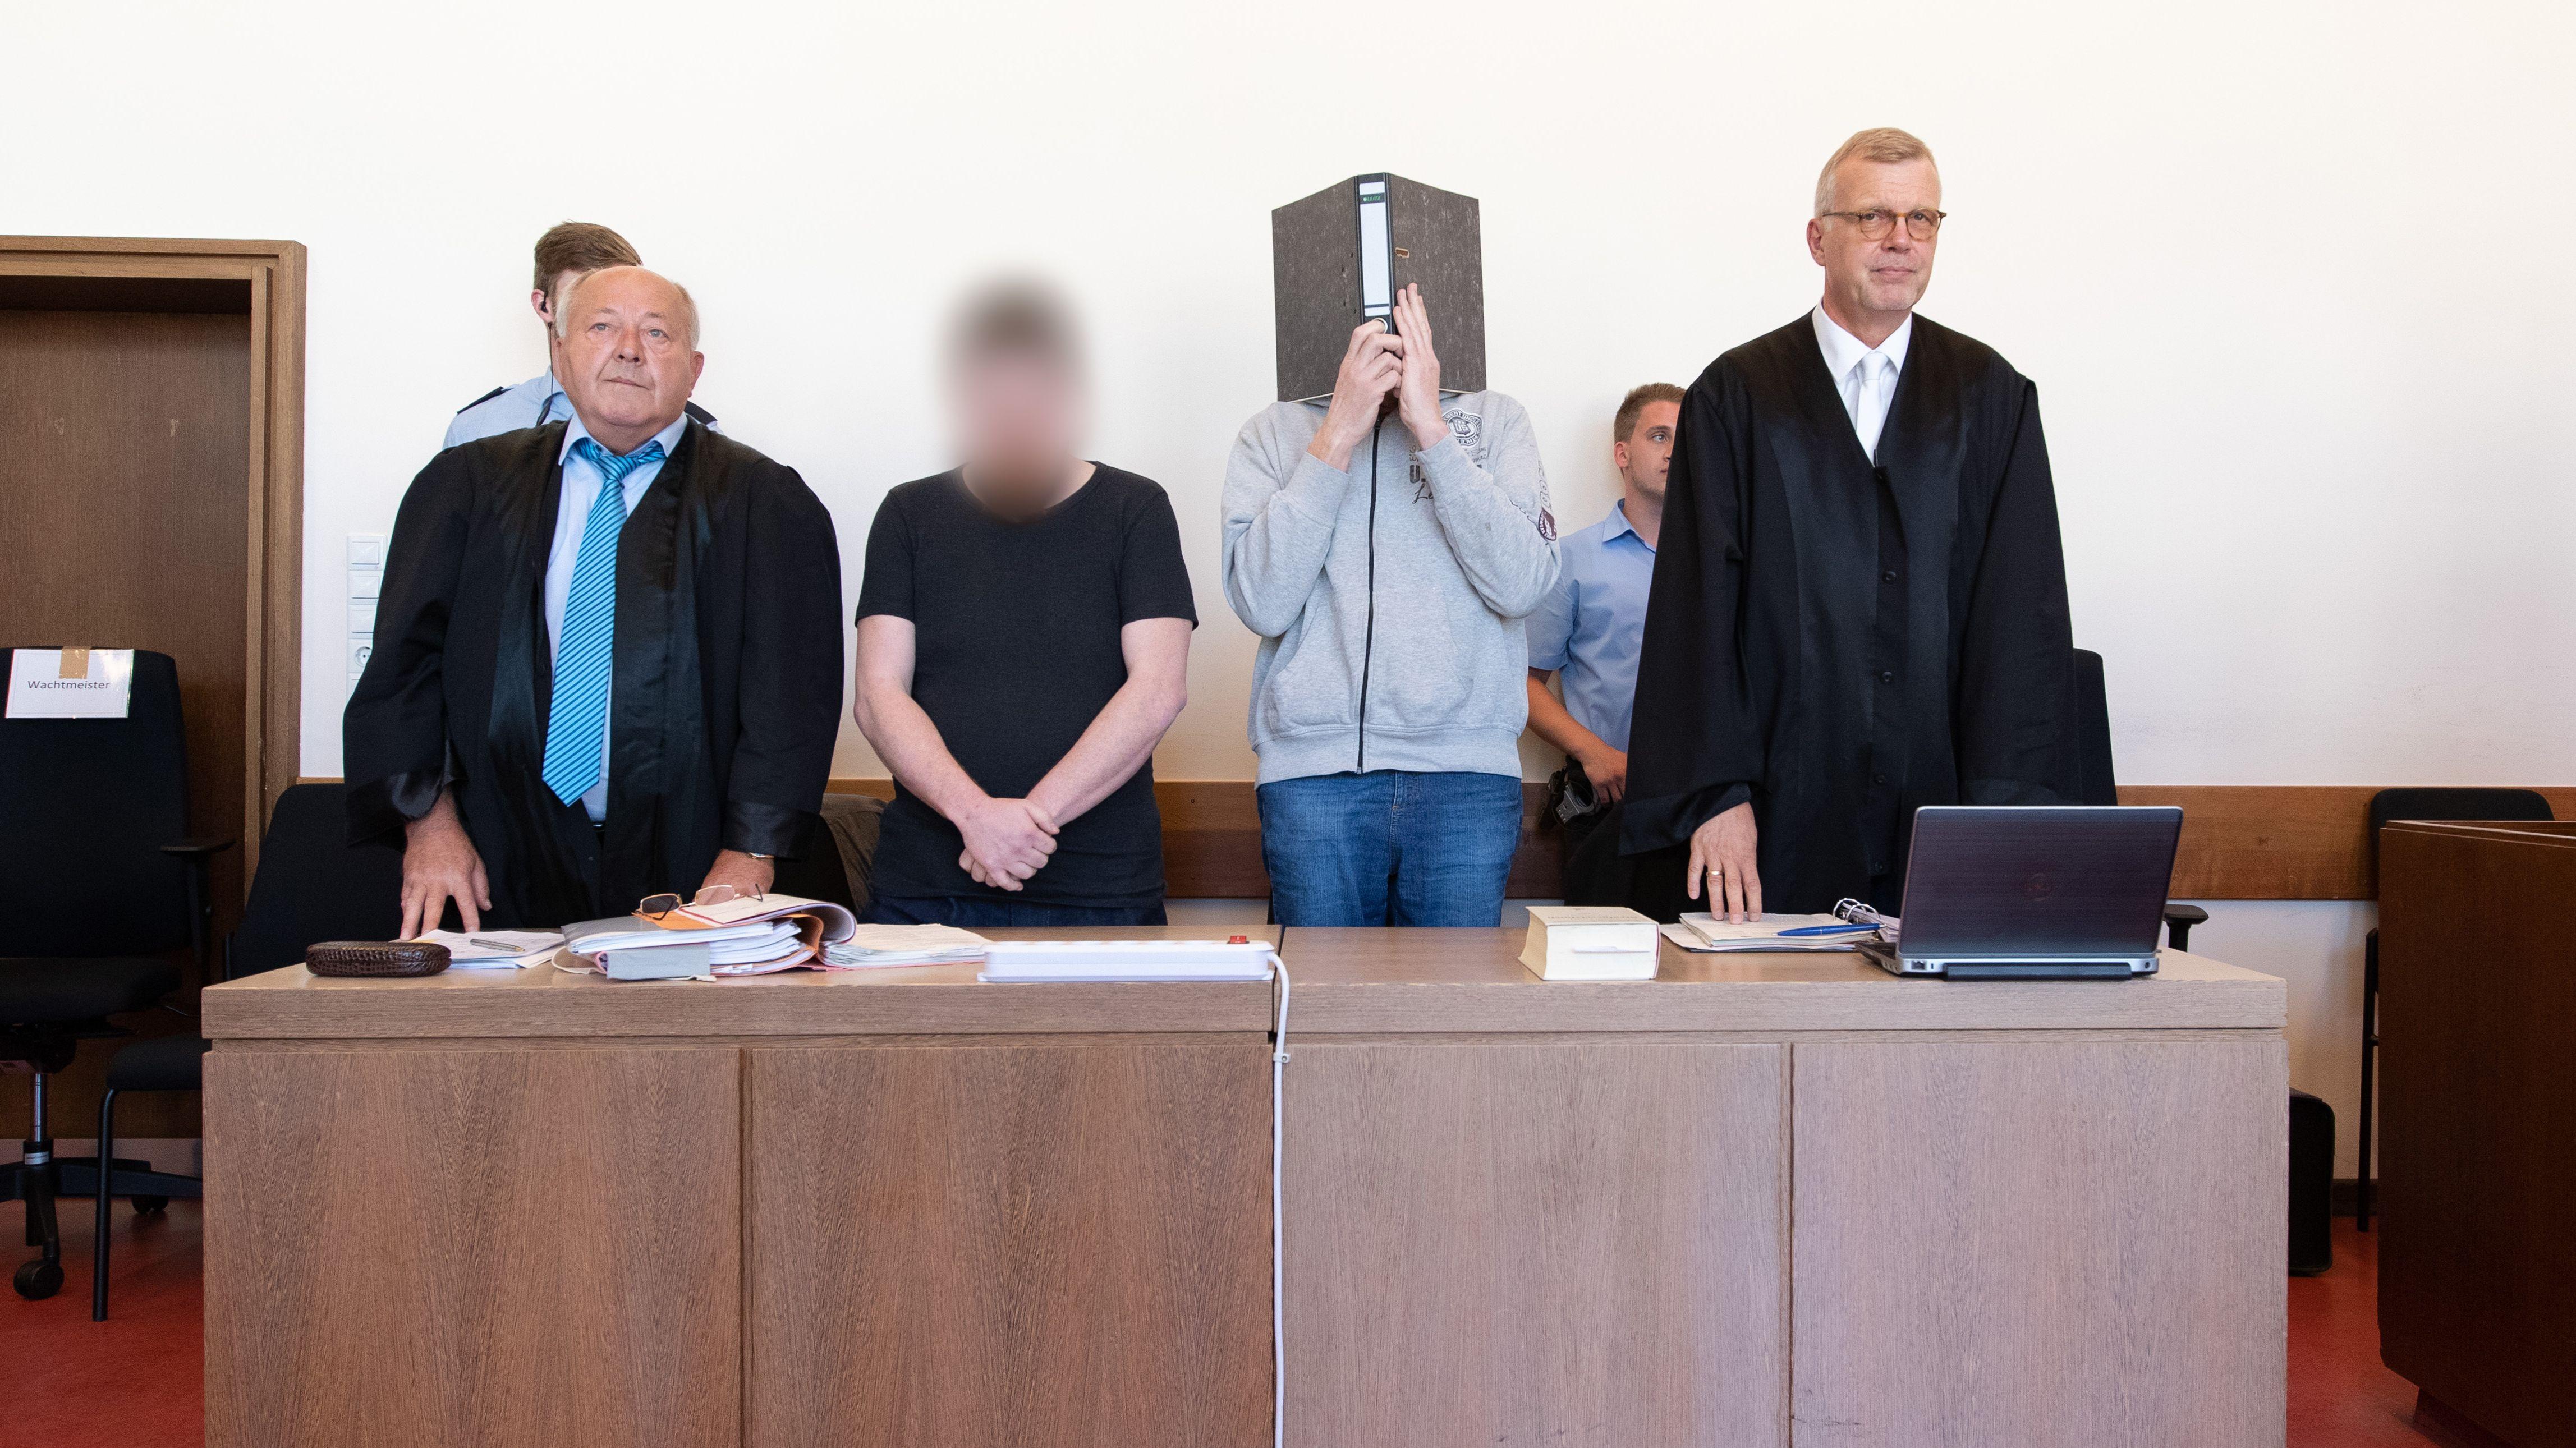 Die Angeklagte und ihre Verteidiger vor dem Landgericht Detmold